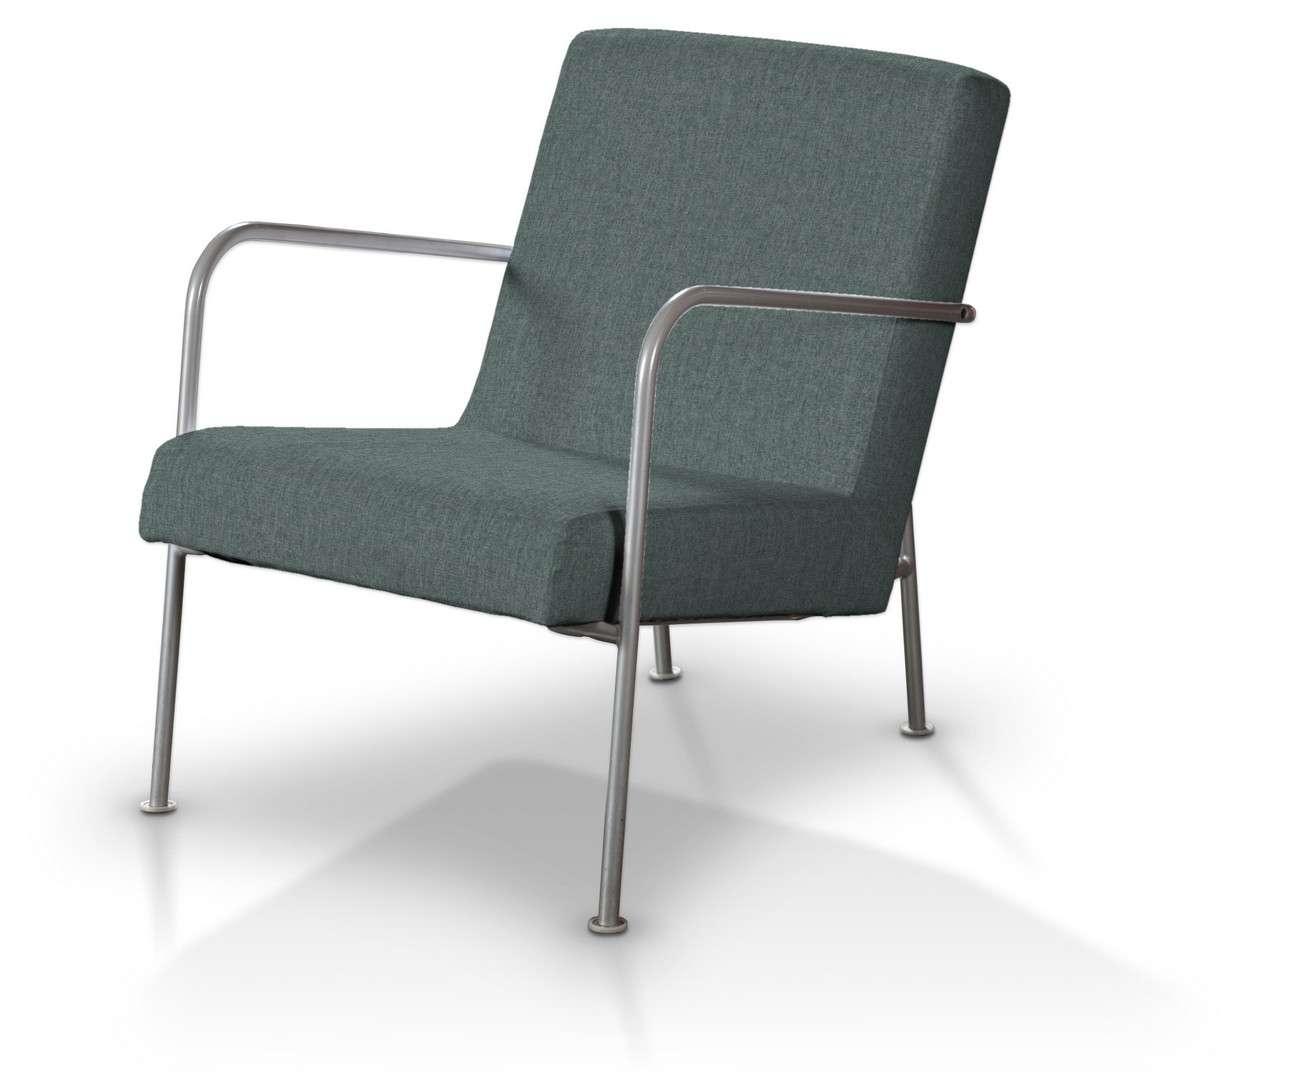 Pokrowiec na fotel Ikea PS w kolekcji City, tkanina: 704-85